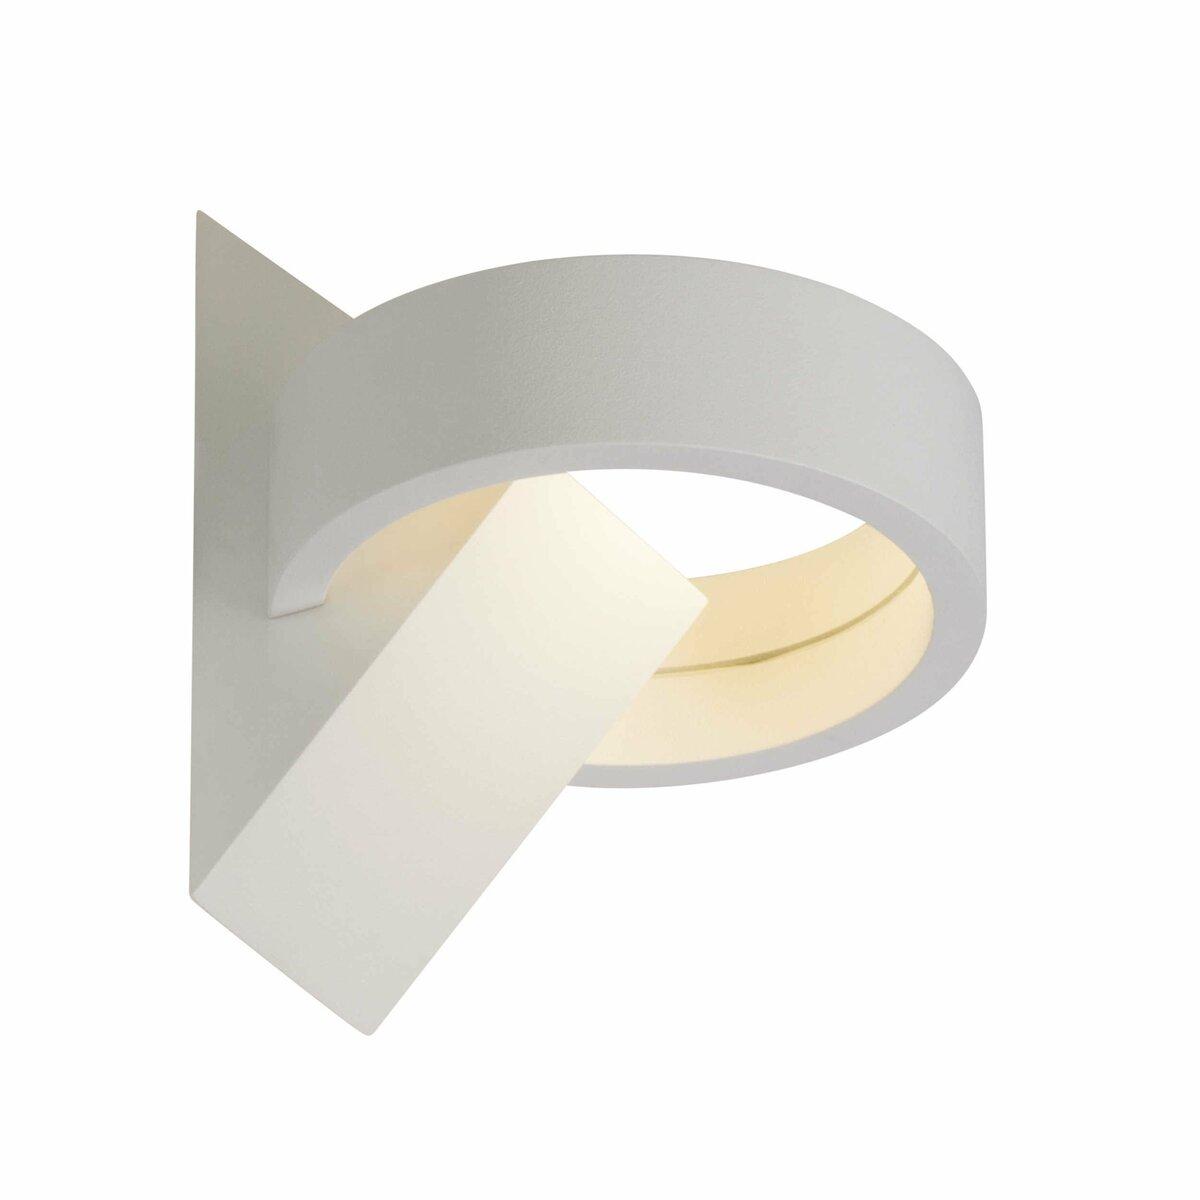 Bild 1 von AEG LED-Wandleuchte   Yul